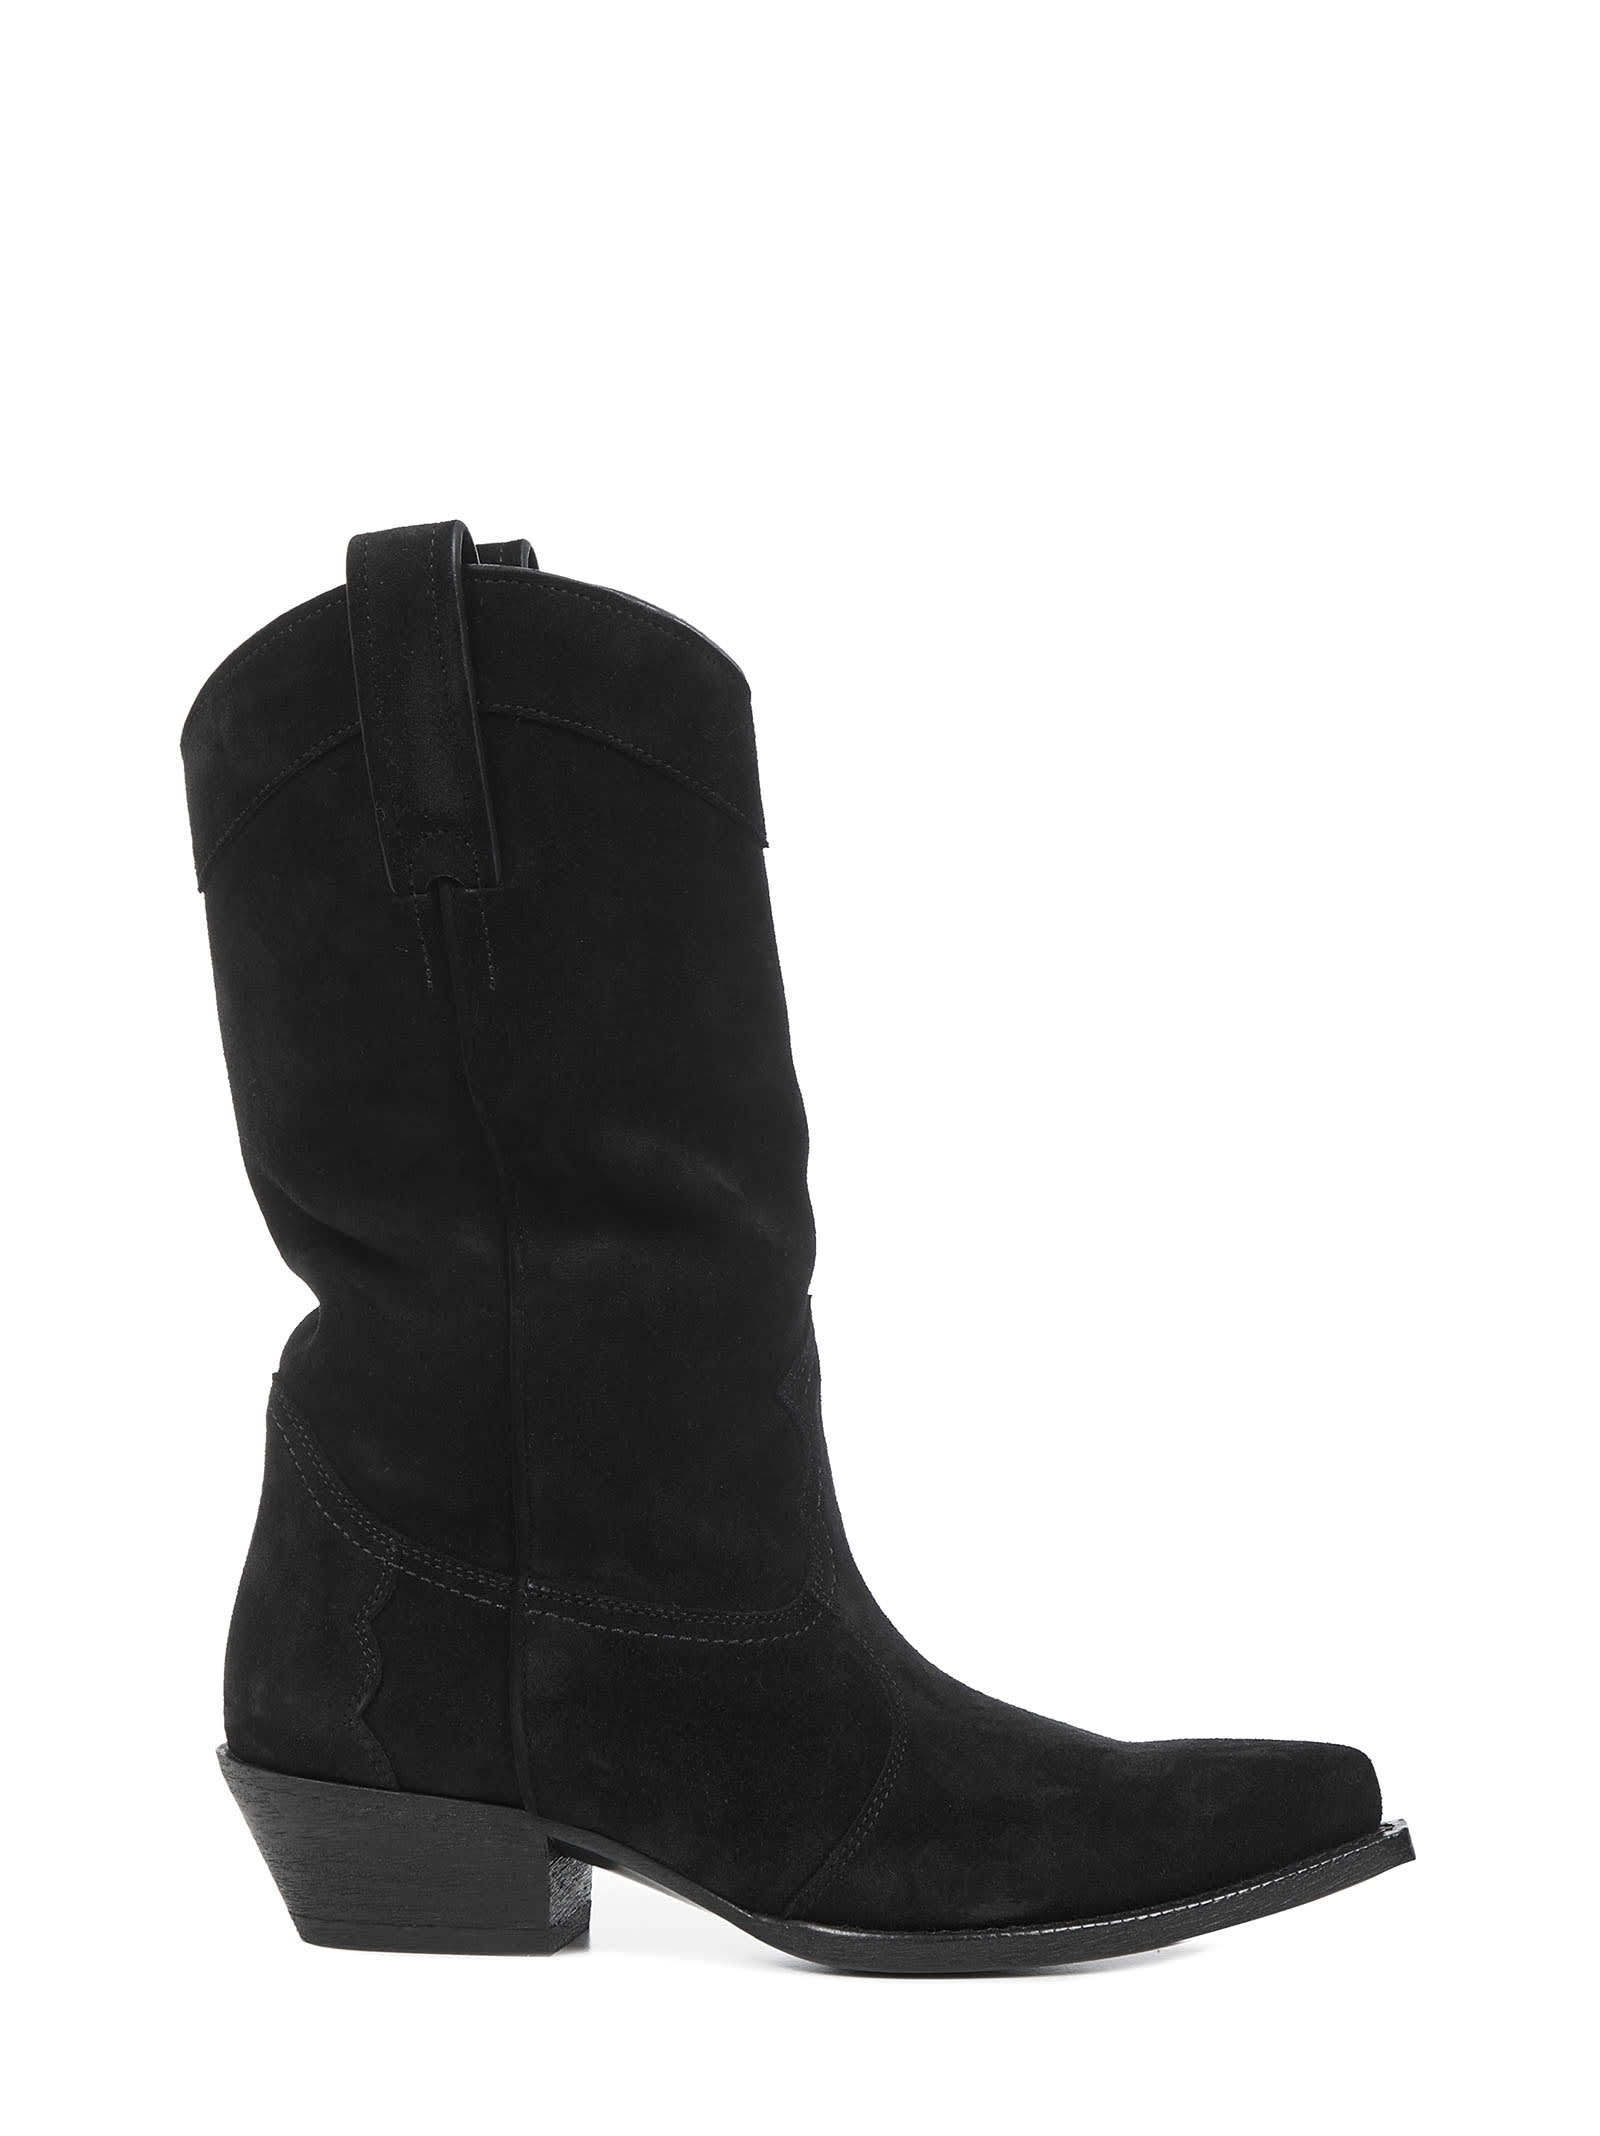 Buy Saint Laurent Lukas Boots online, shop Saint Laurent shoes with free shipping